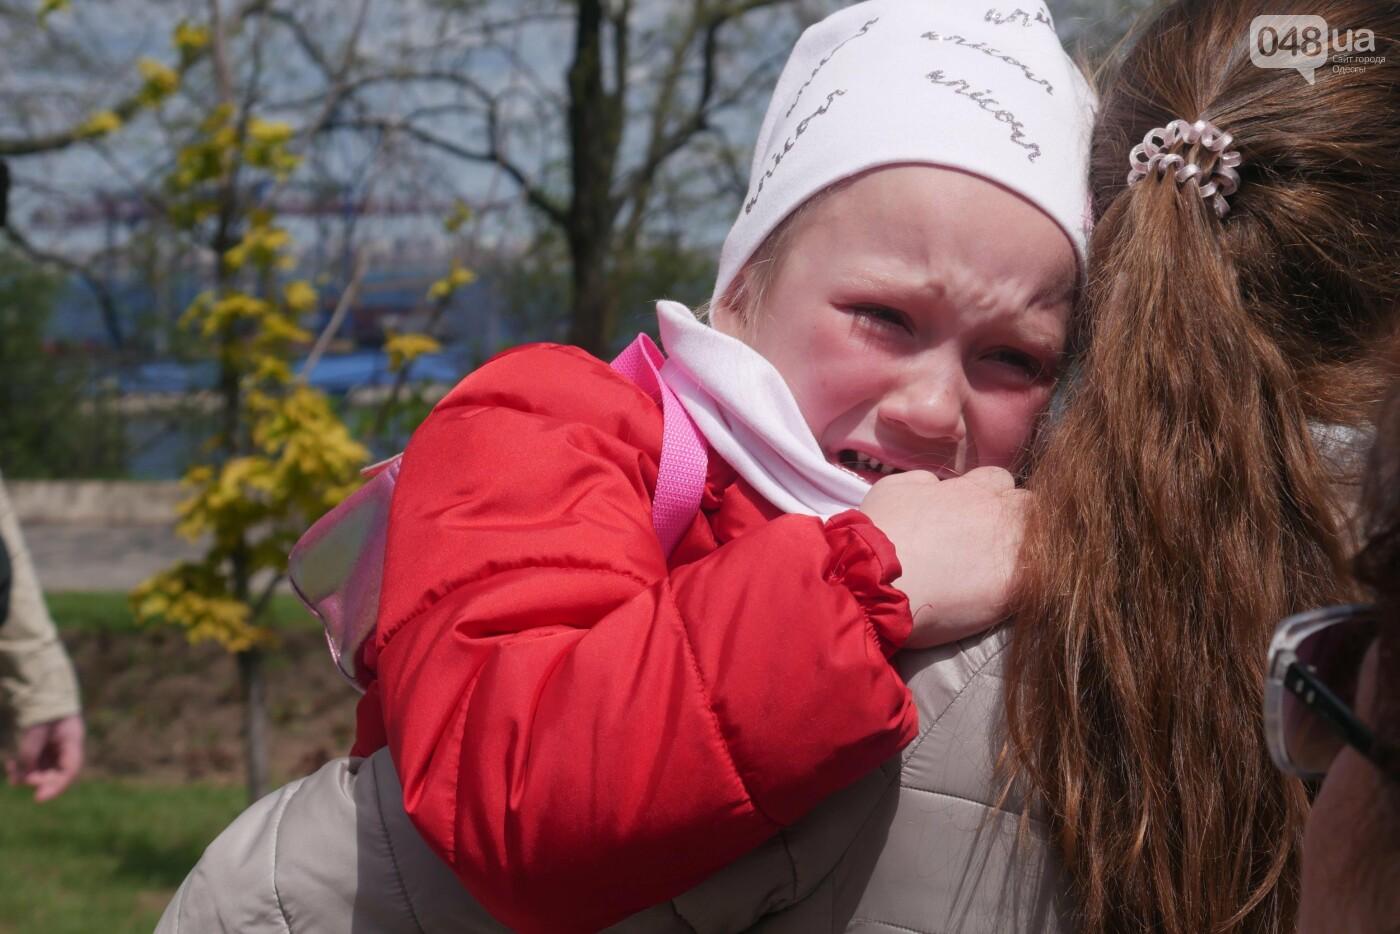 9 мая в Одессе: плевались, дрались и плакали, - ФОТО, ВИДЕО, фото-37